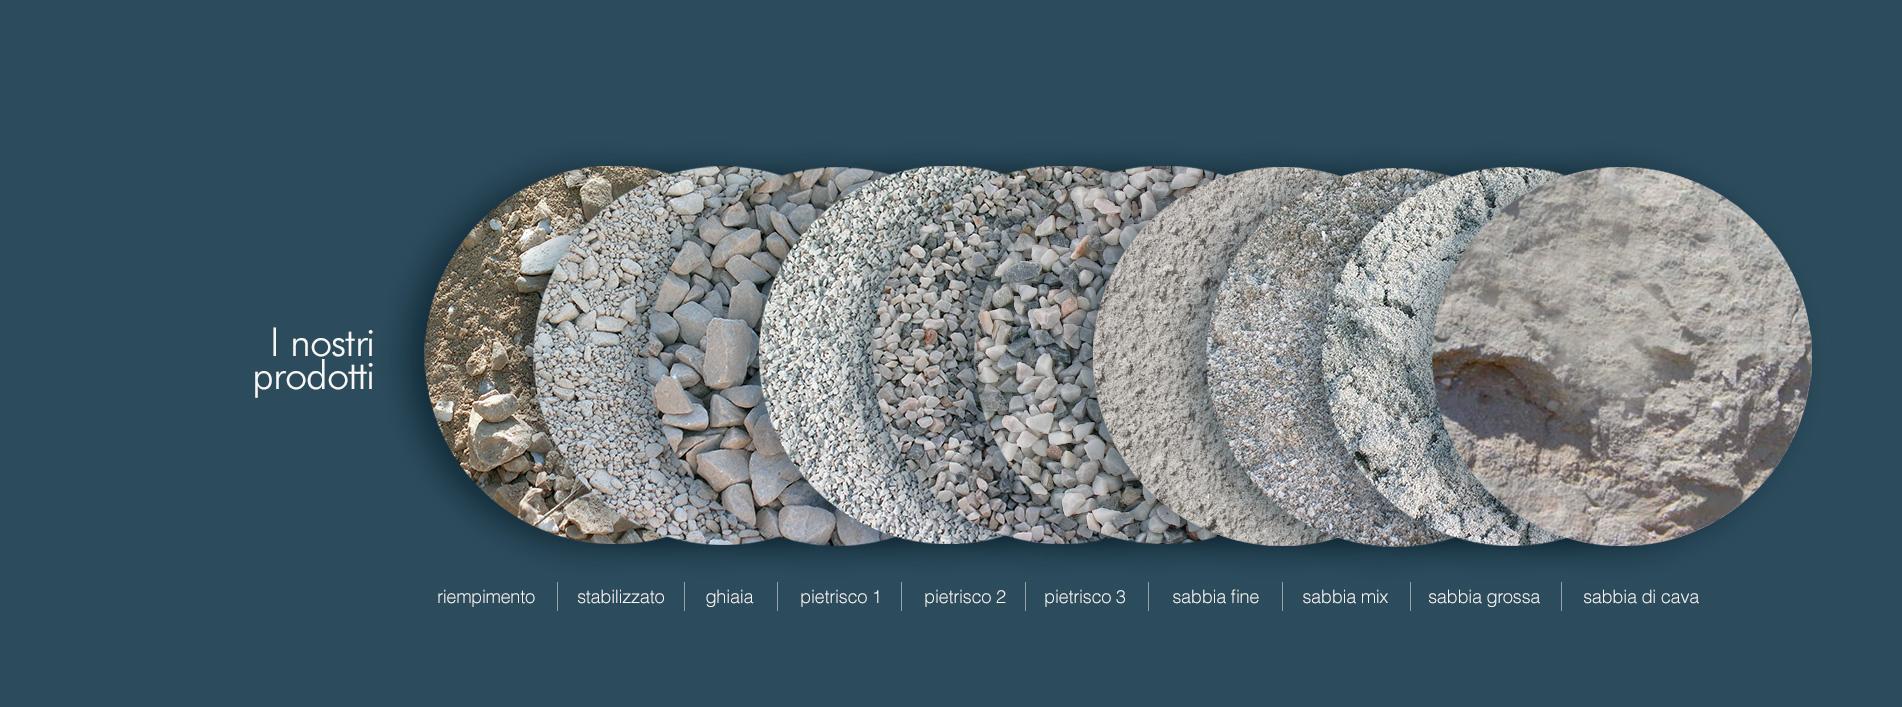 prodotti riempimento, stabilizzato, ghiaia, pietrisco 1, sabbia fine, mix, grossa